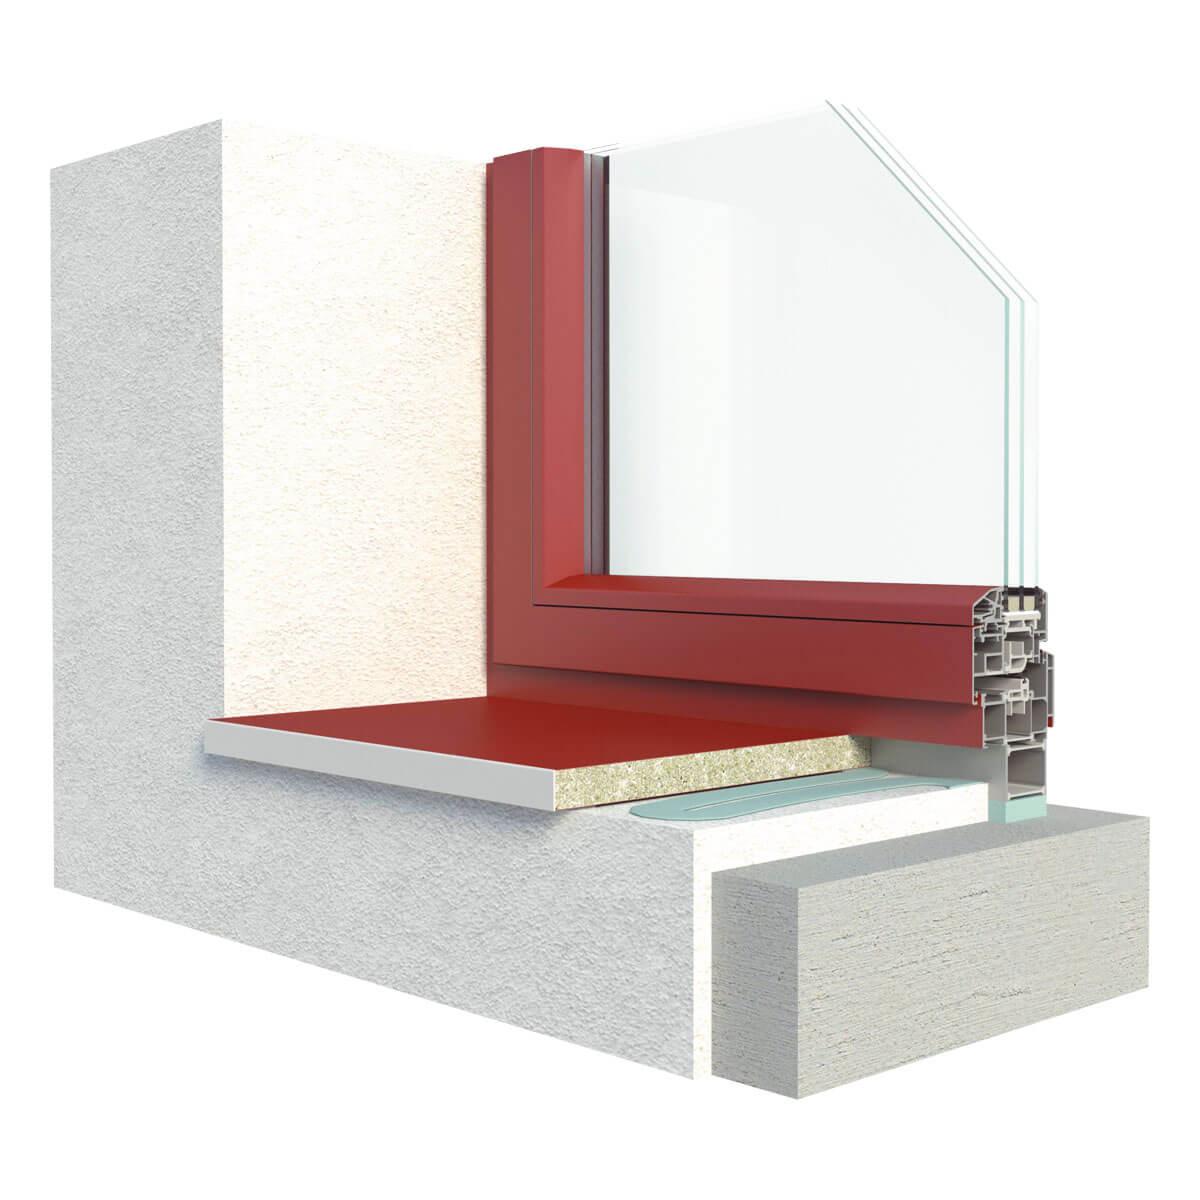 Atemberaubend Eternit Fensterbänke Galerie - Schlafzimmer Ideen ...